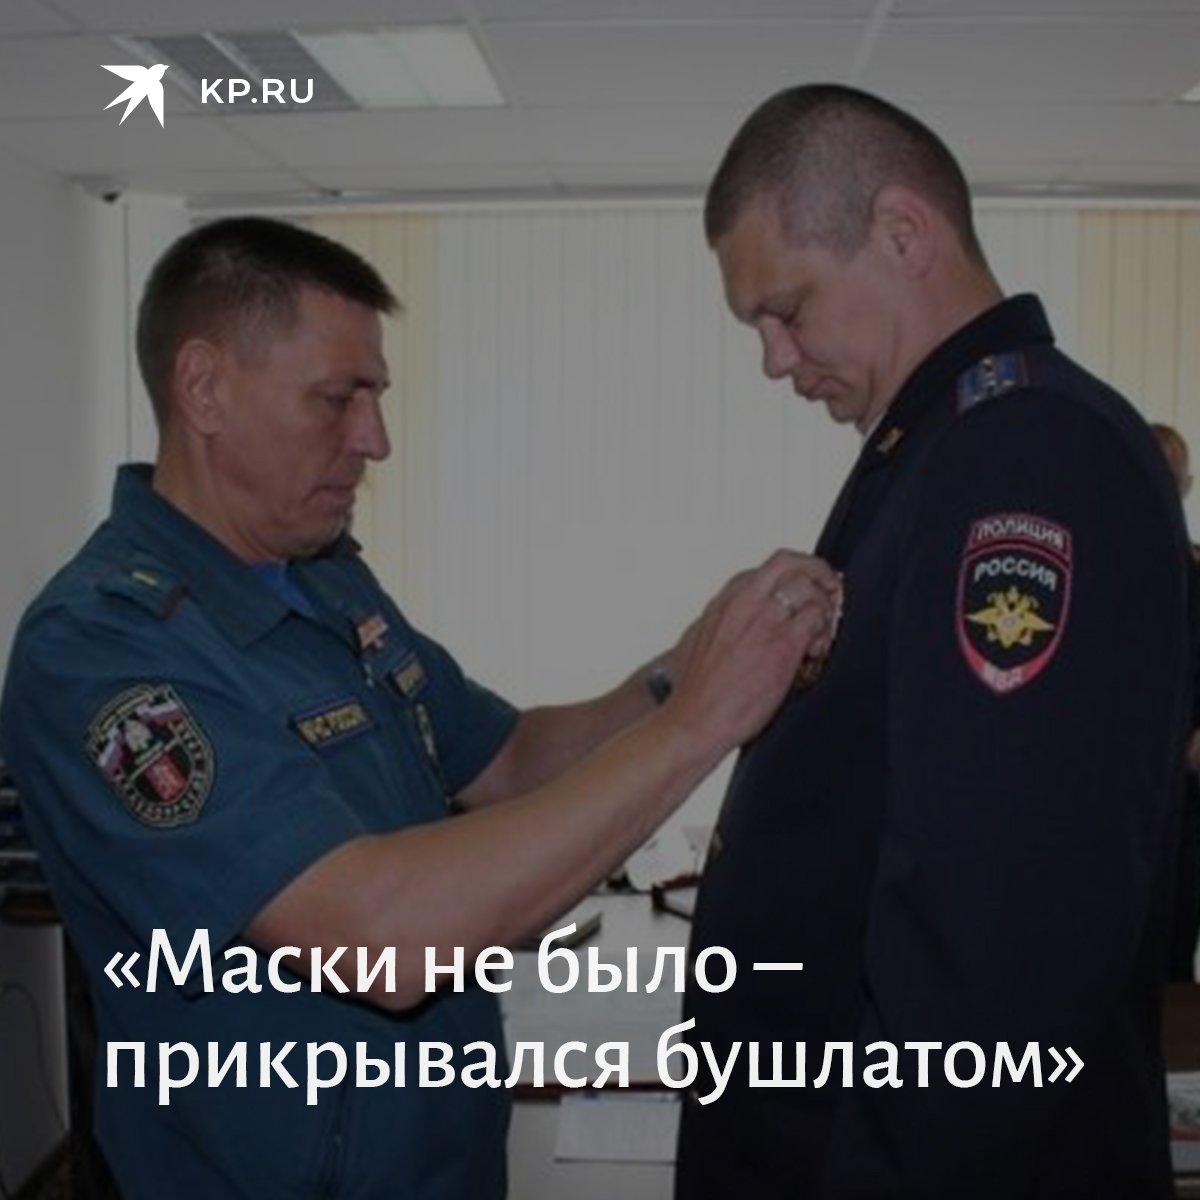 Участкового из Красноярска раньше знали, как самого высокого полицейского, ведь его рост больше двух метров. А сейчас Максим ассоциируется у горожан с настоящим героем💪 Ведь во время пожара он спас 49 человек👍 https://t.co/Wg0bu0A8DR